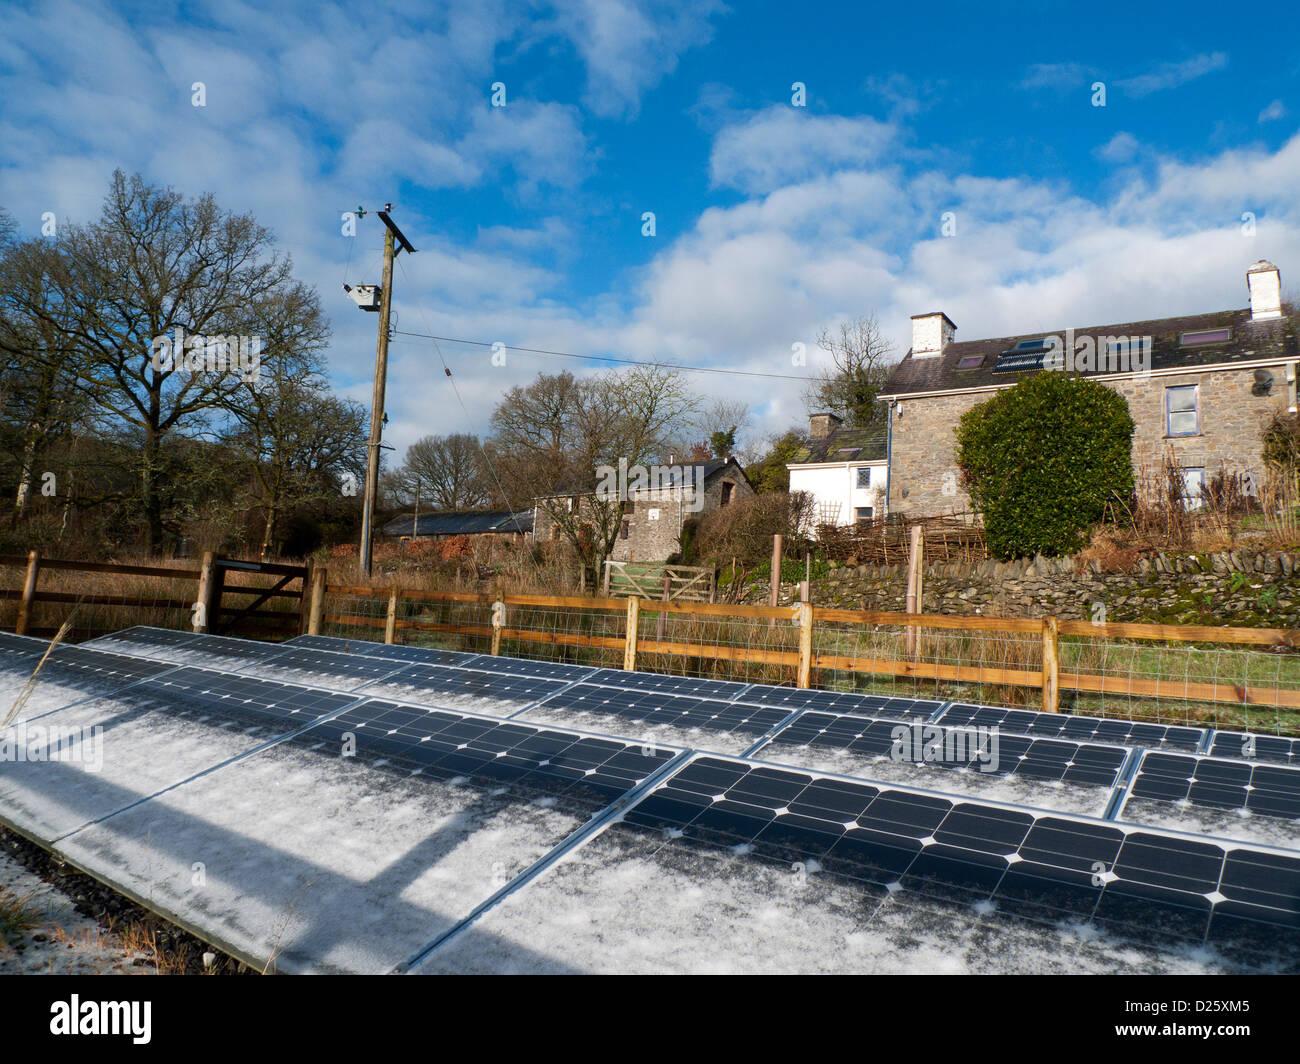 freistehende photovoltaik solarzellen auf kleinbetrieb landen im westen von wales uk stockfoto. Black Bedroom Furniture Sets. Home Design Ideas